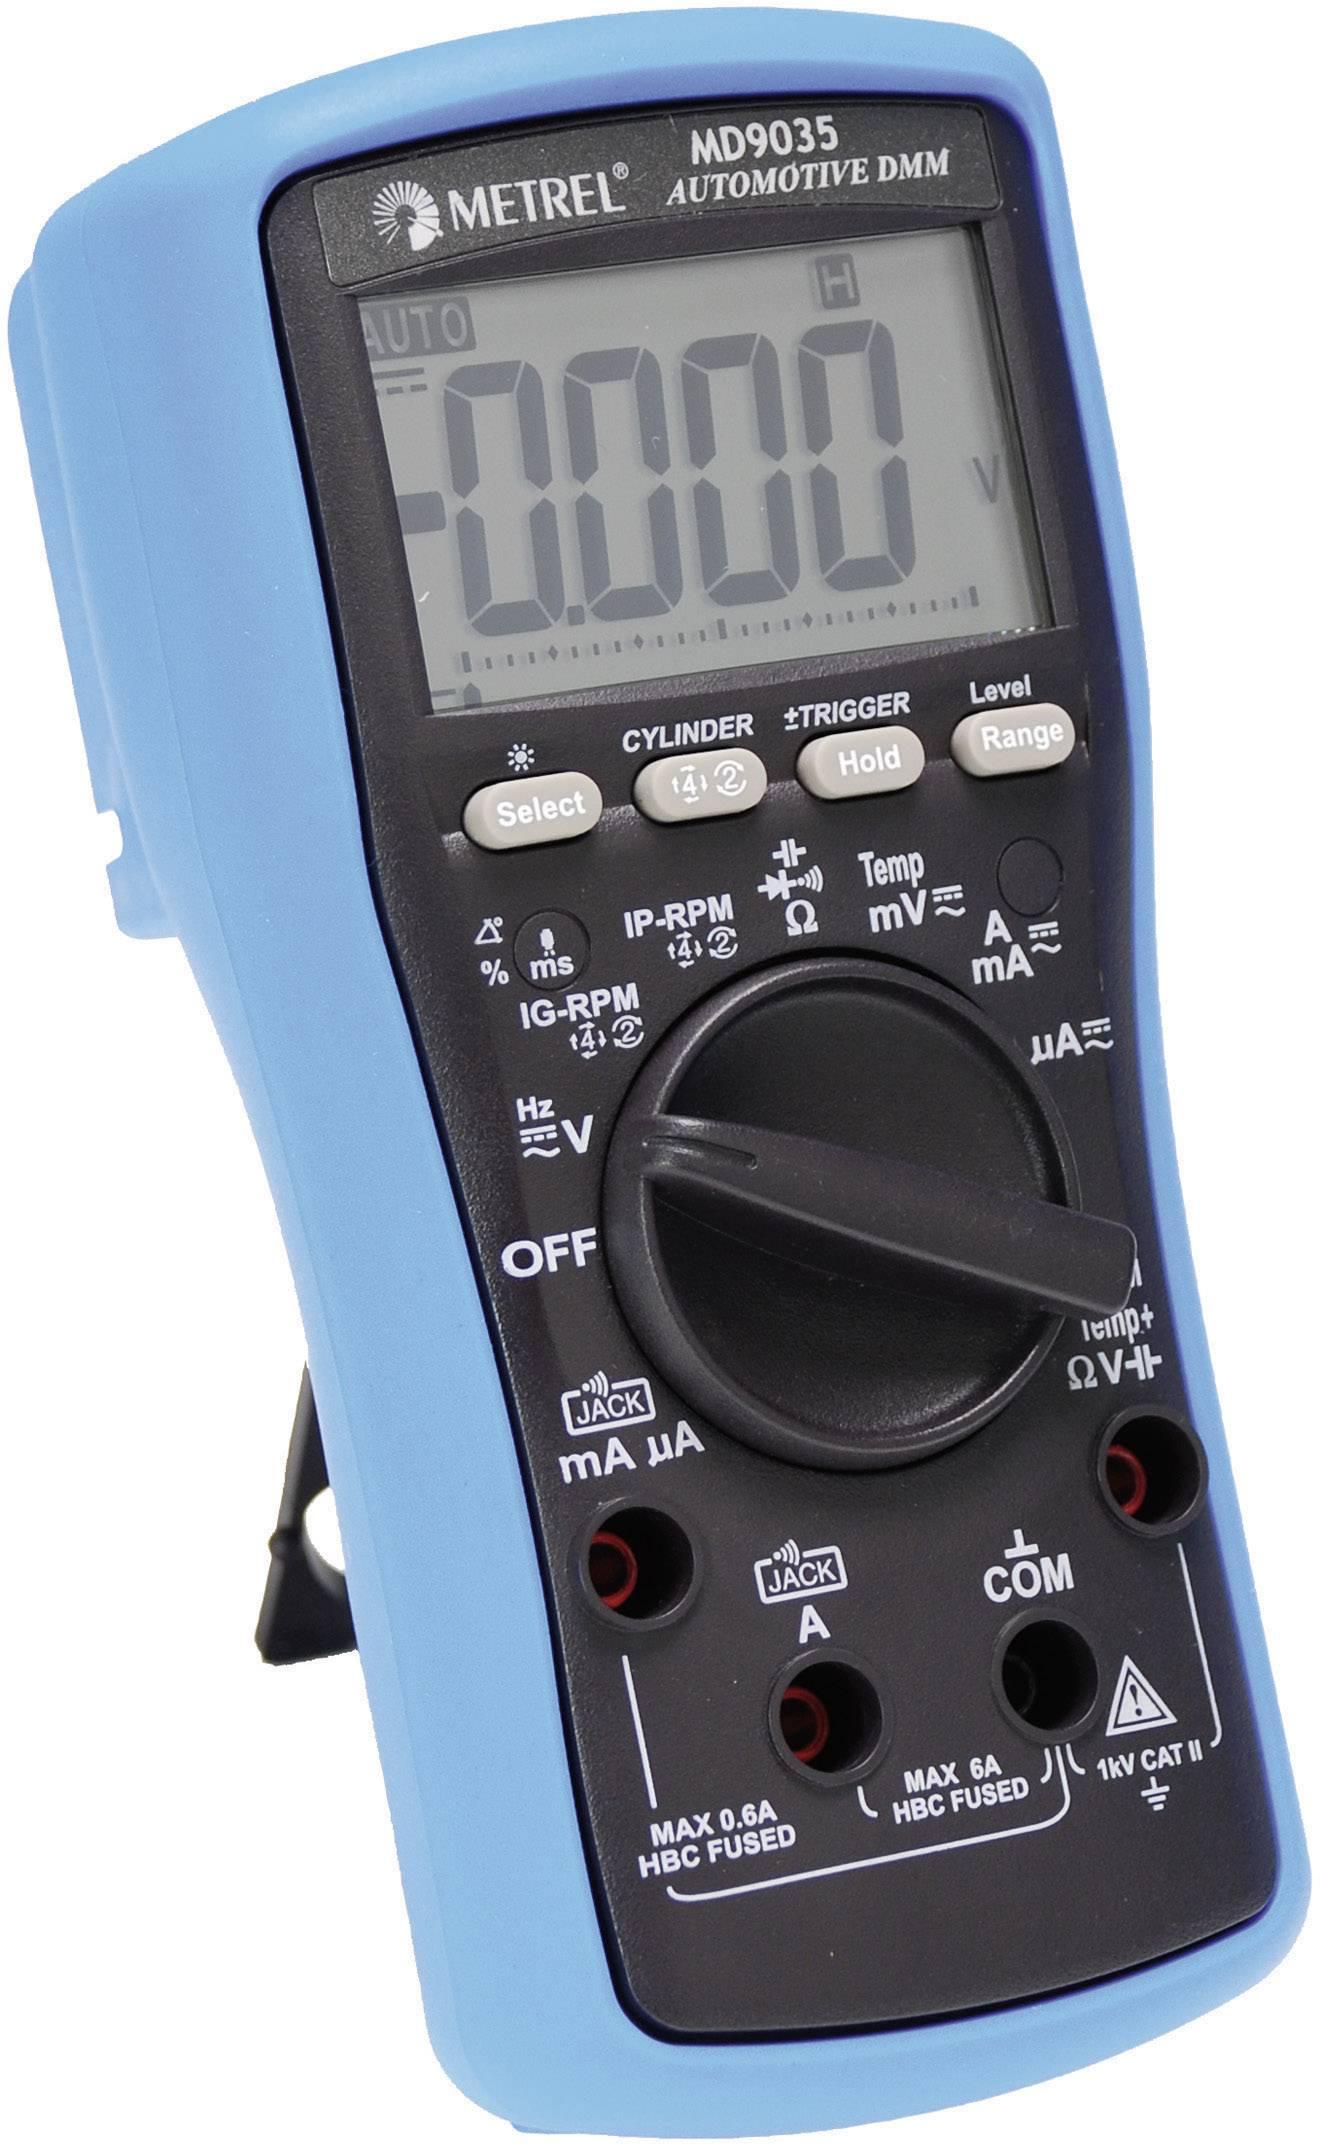 Digitálne/y ručný multimeter Metrel MD 9035 20991941, testovanie v automobiloch